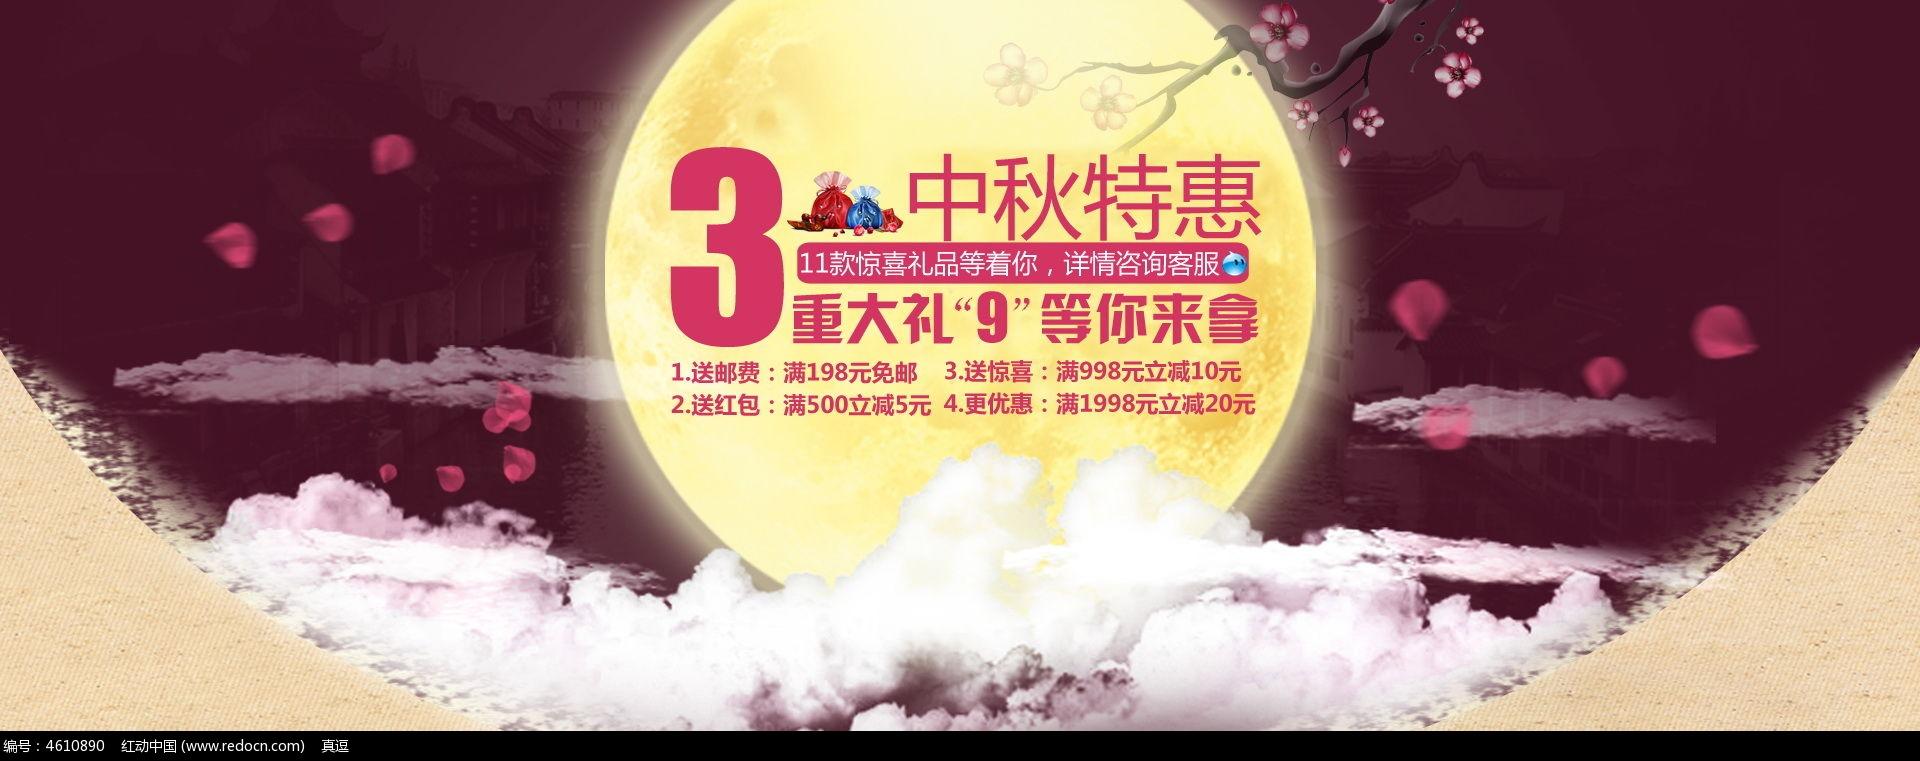 淘宝中秋节活动海报设计